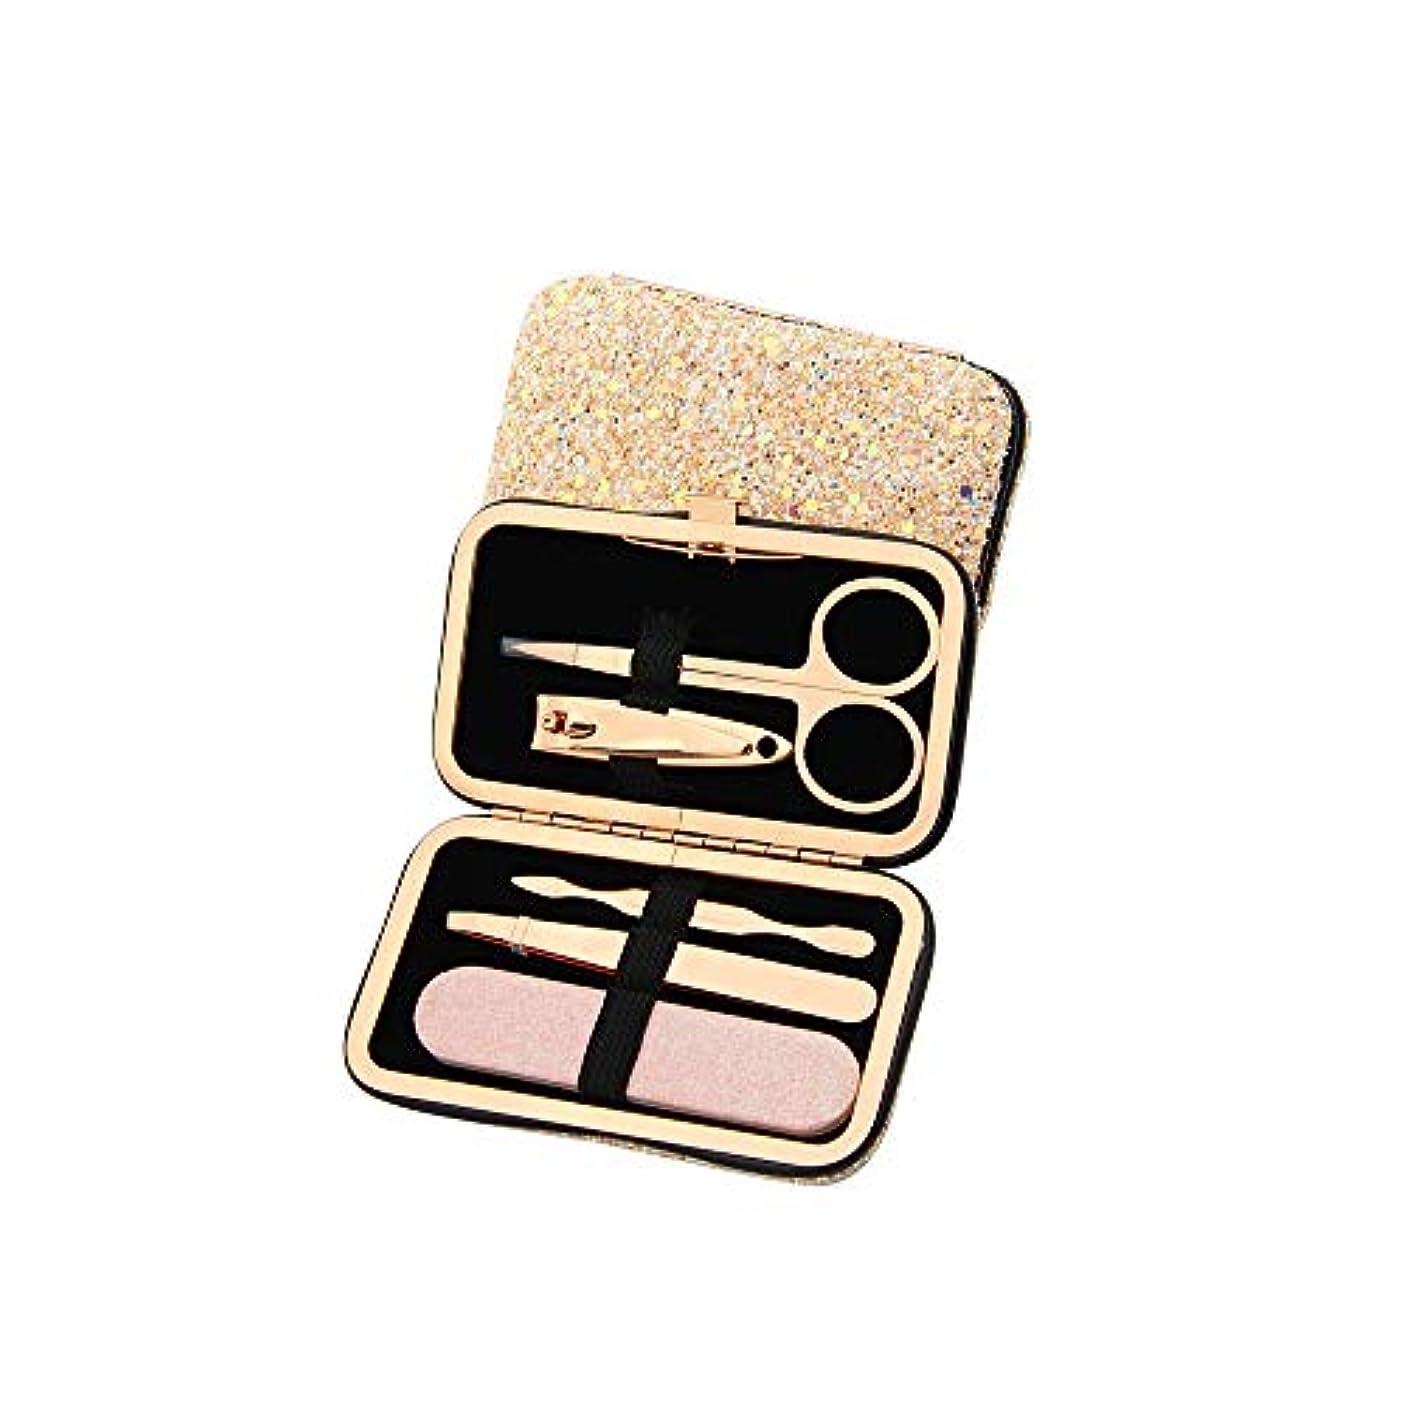 ウェイター平和な多様性ファッション爪切りセット美容ネイルツールセット高級感溢れる収納ケース付き、ローズゴールド、5点セット